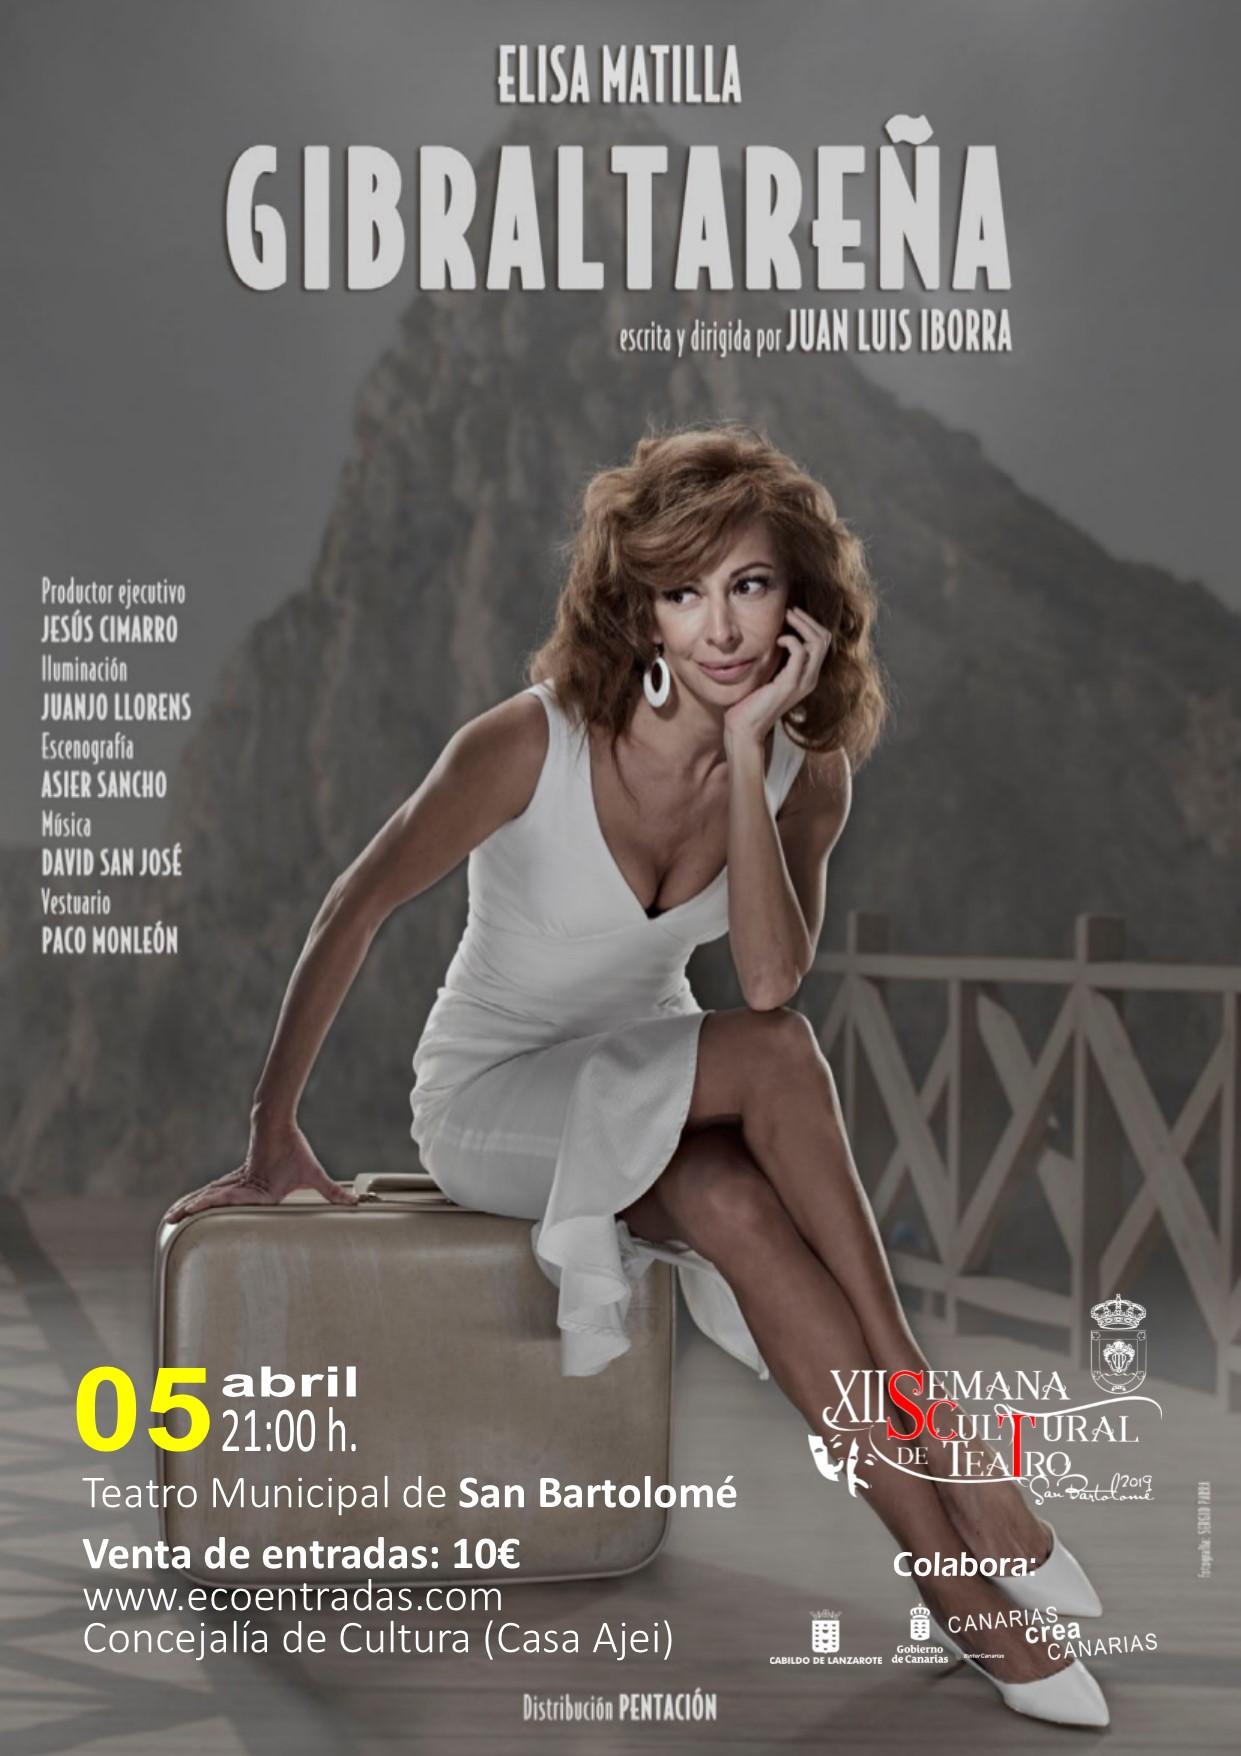 Elisa Matilla llega a San Bartolomé con la obra 'Gibraltareña' el viernes 5 de abril a las 21.00 horas